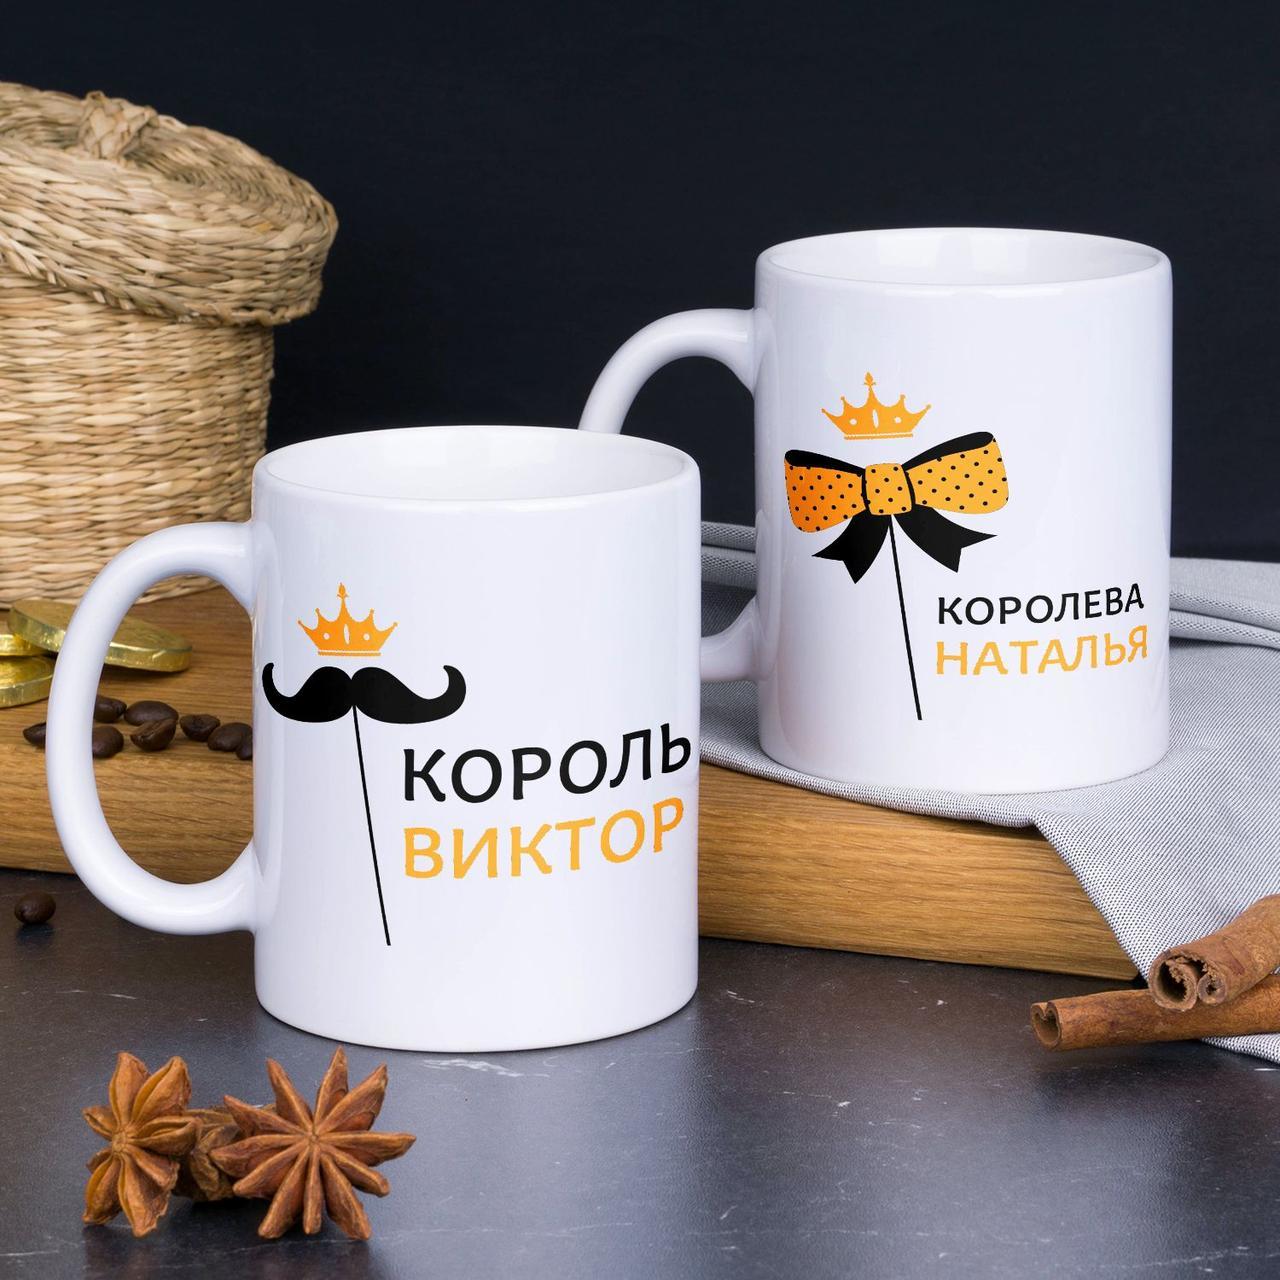 """Парные белые чашки (кружки) с принтом """"Король Виктор. Королева Наталья"""""""